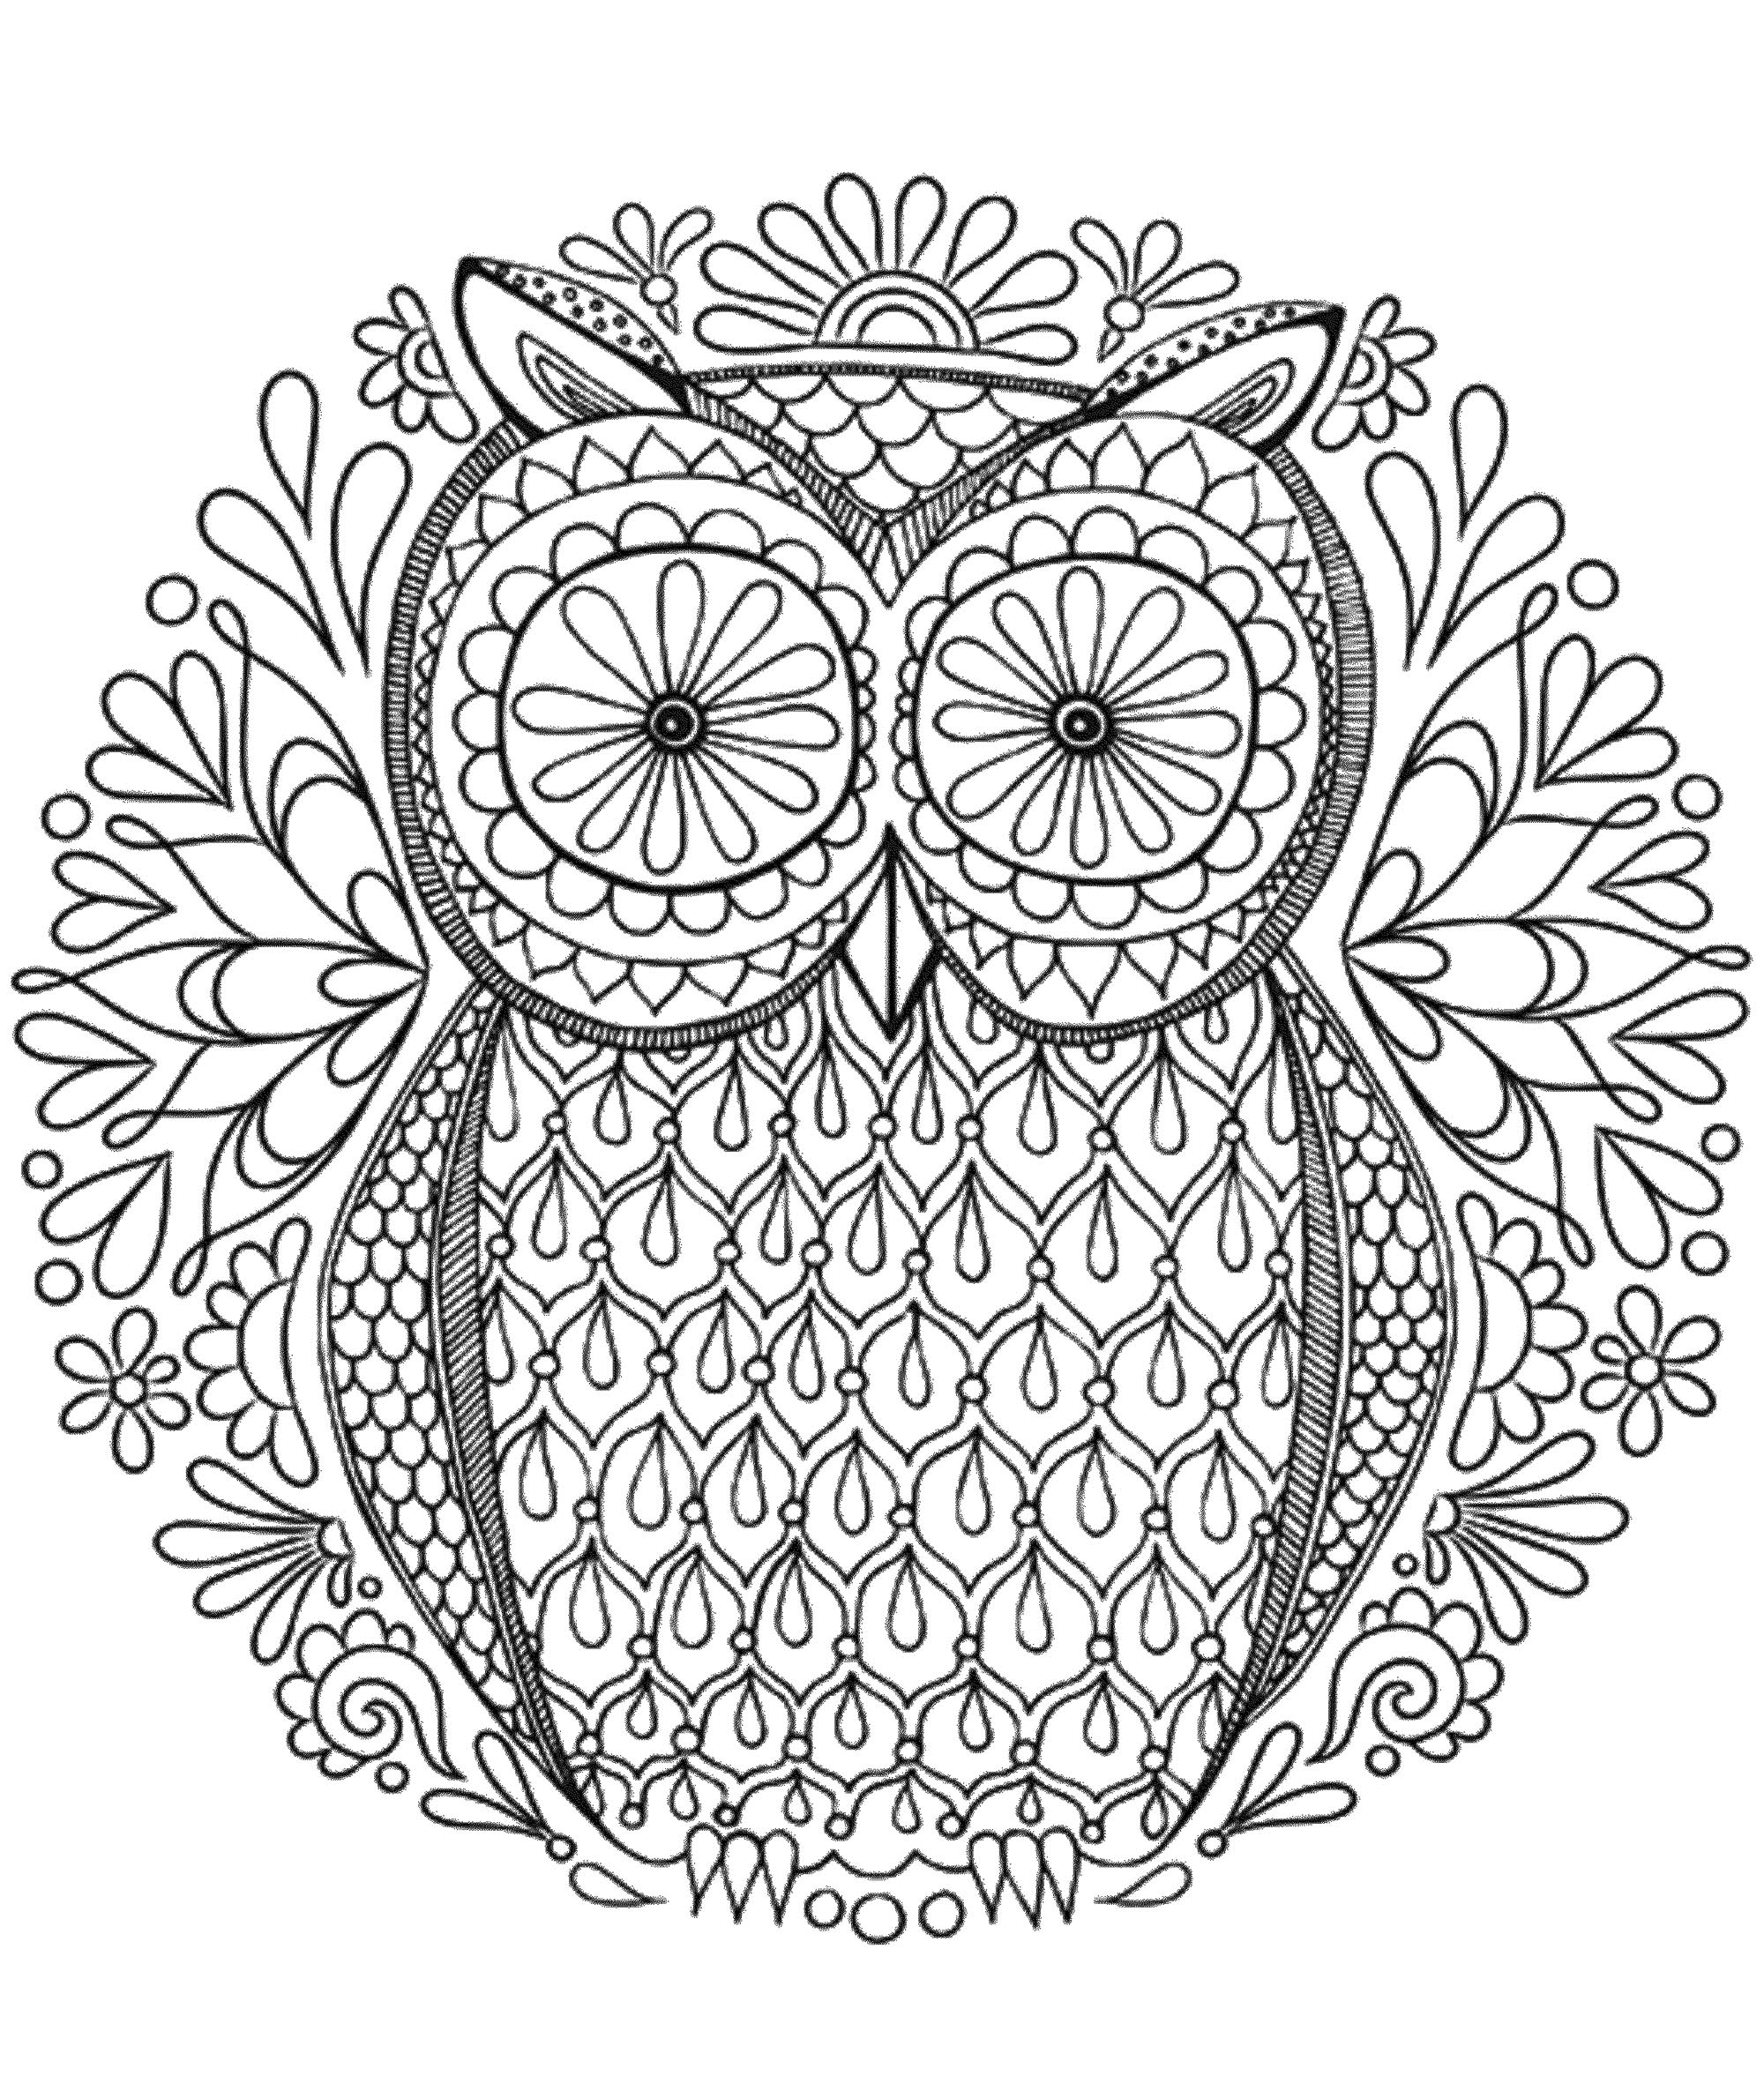 Mandala A Colorier Gratuit Hibou - Mandalas De Difficulté pour Mandala À Colorier Et À Imprimer Gratuit